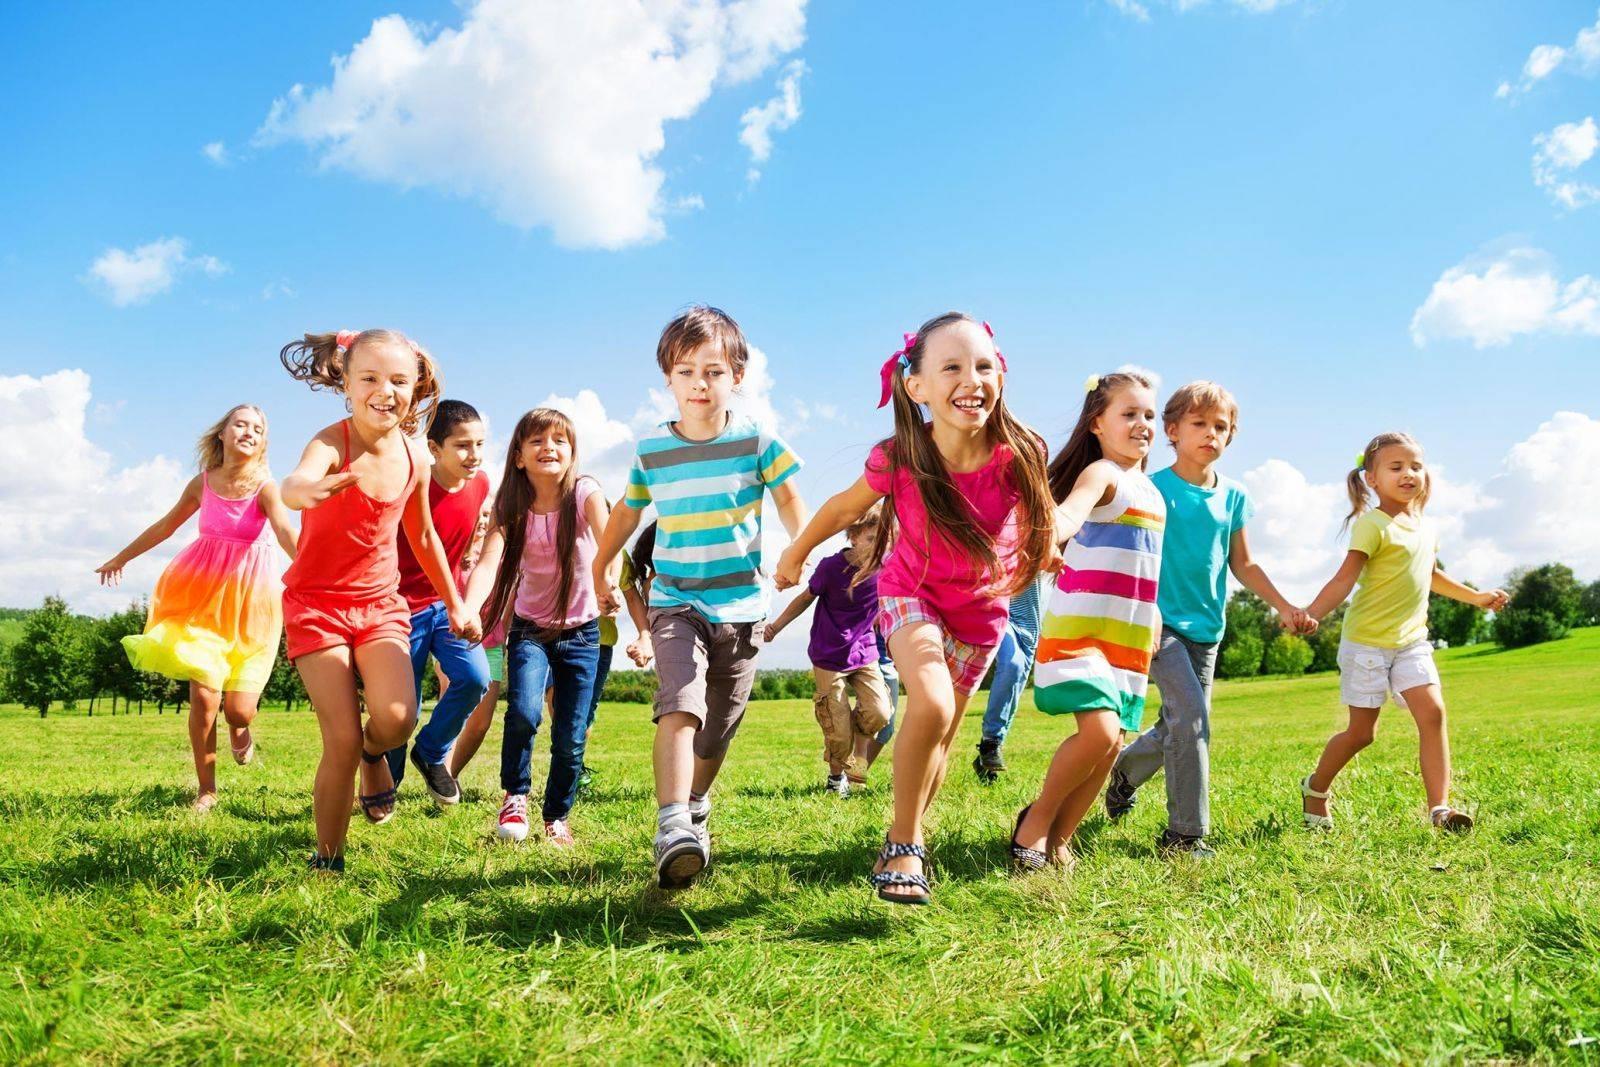 Approfitta dei Saldi Vestiti per Bambini per risparmiare guadagnado 56db0b32004